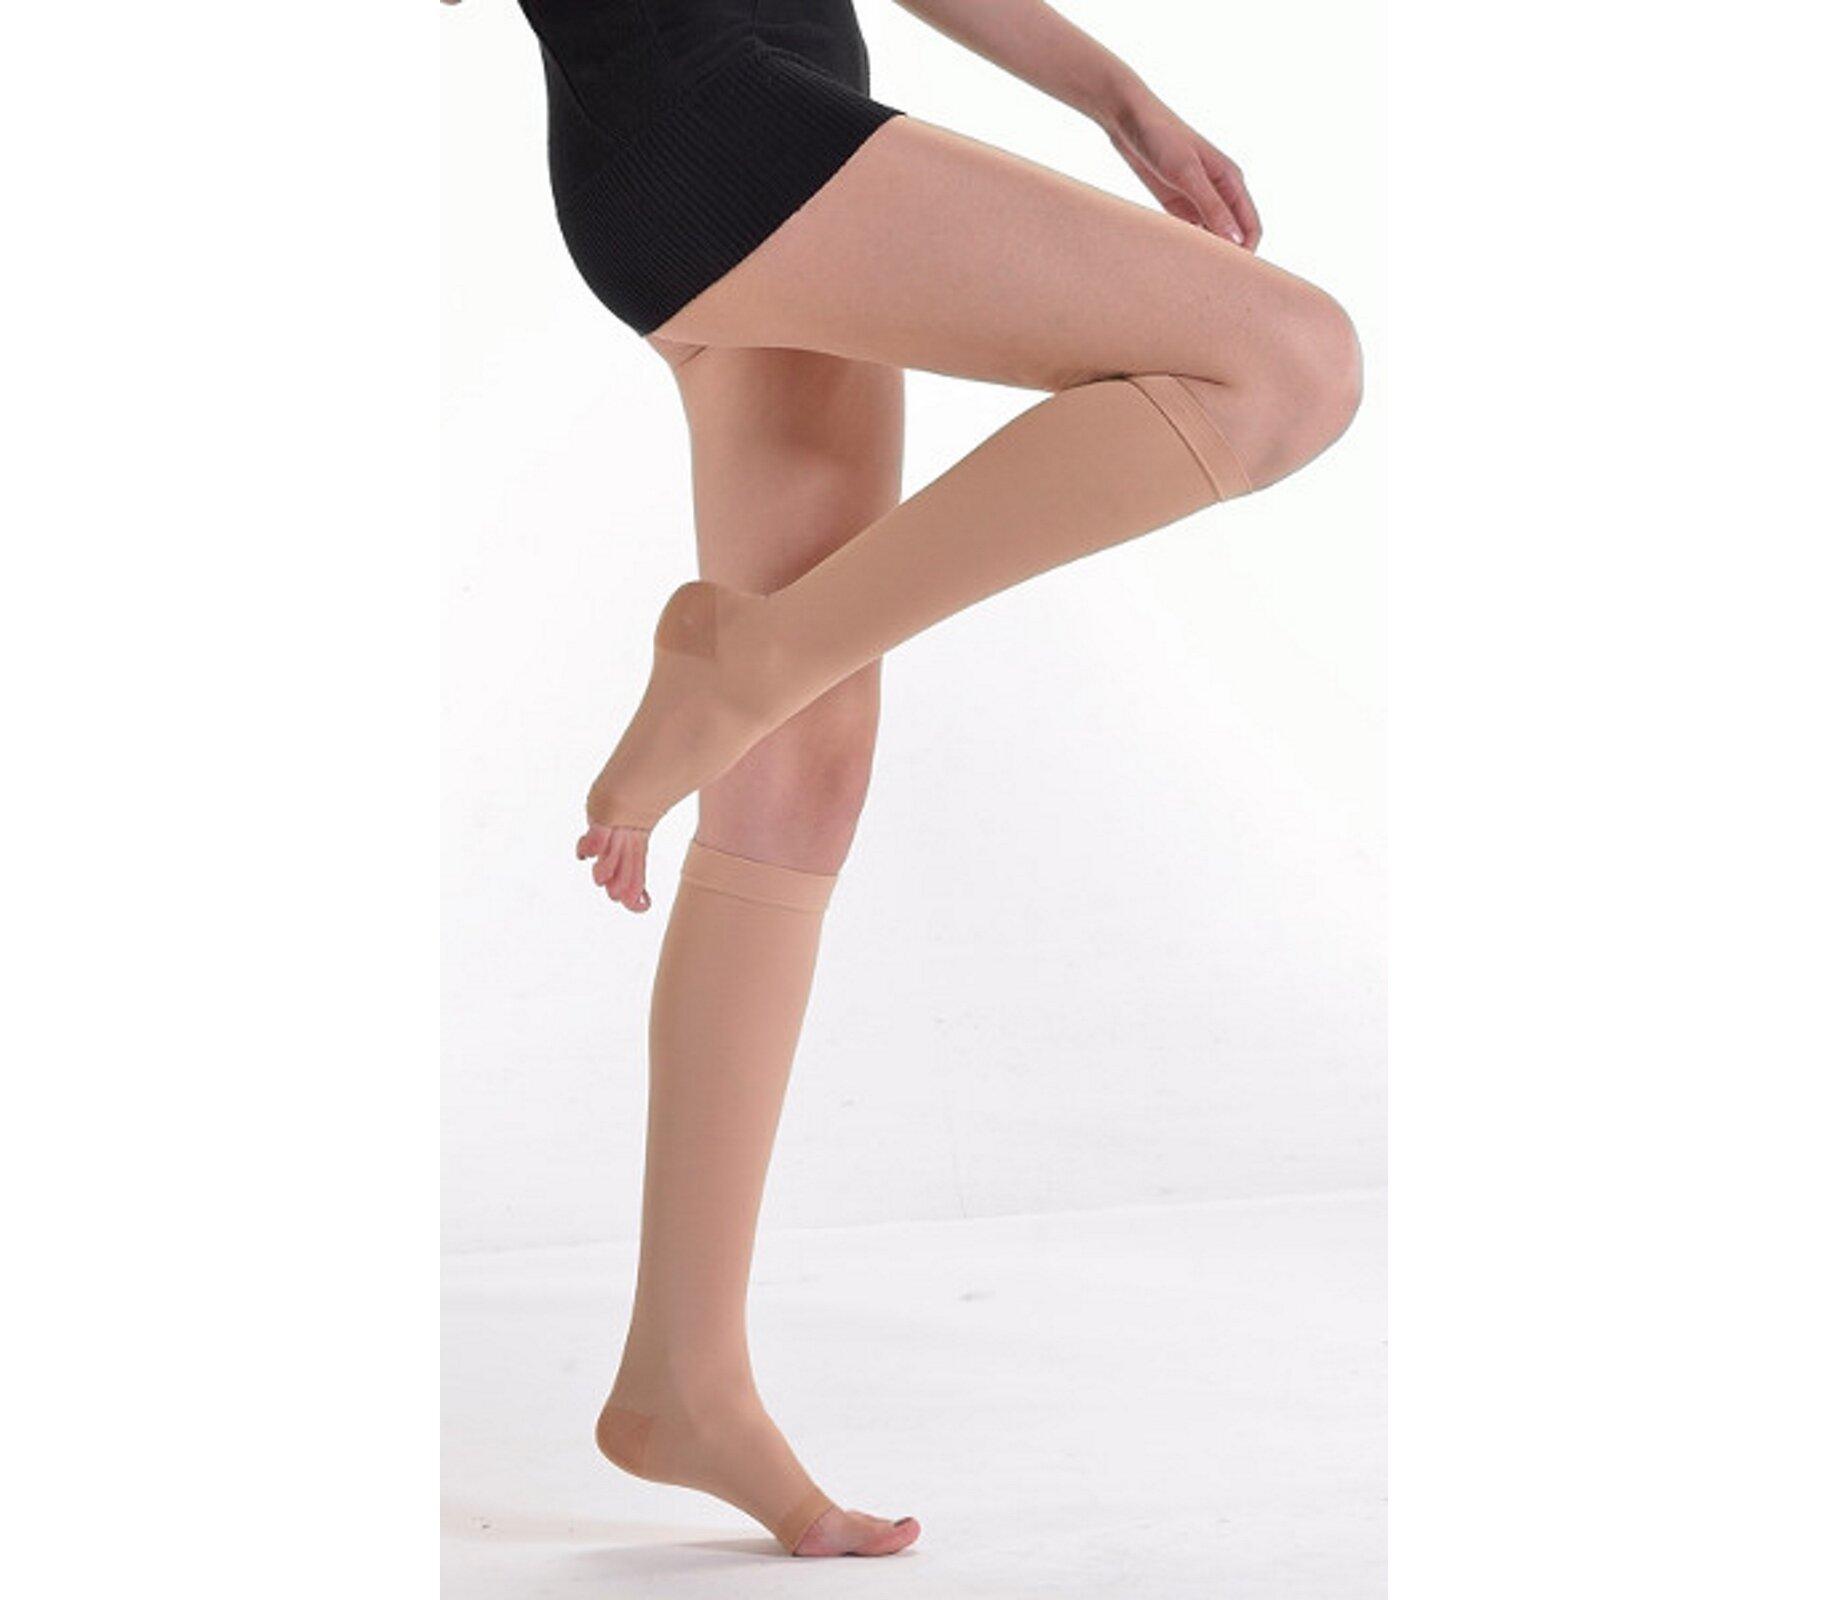 ΦΑΡΜΑΚΕΙΟ    ΟΡΘΟΠΕΔΙΚΑ    Κάλτσες Ιατρικές    Ελαστική Κάλτσα Κάτω ... cf4d31dc9aa